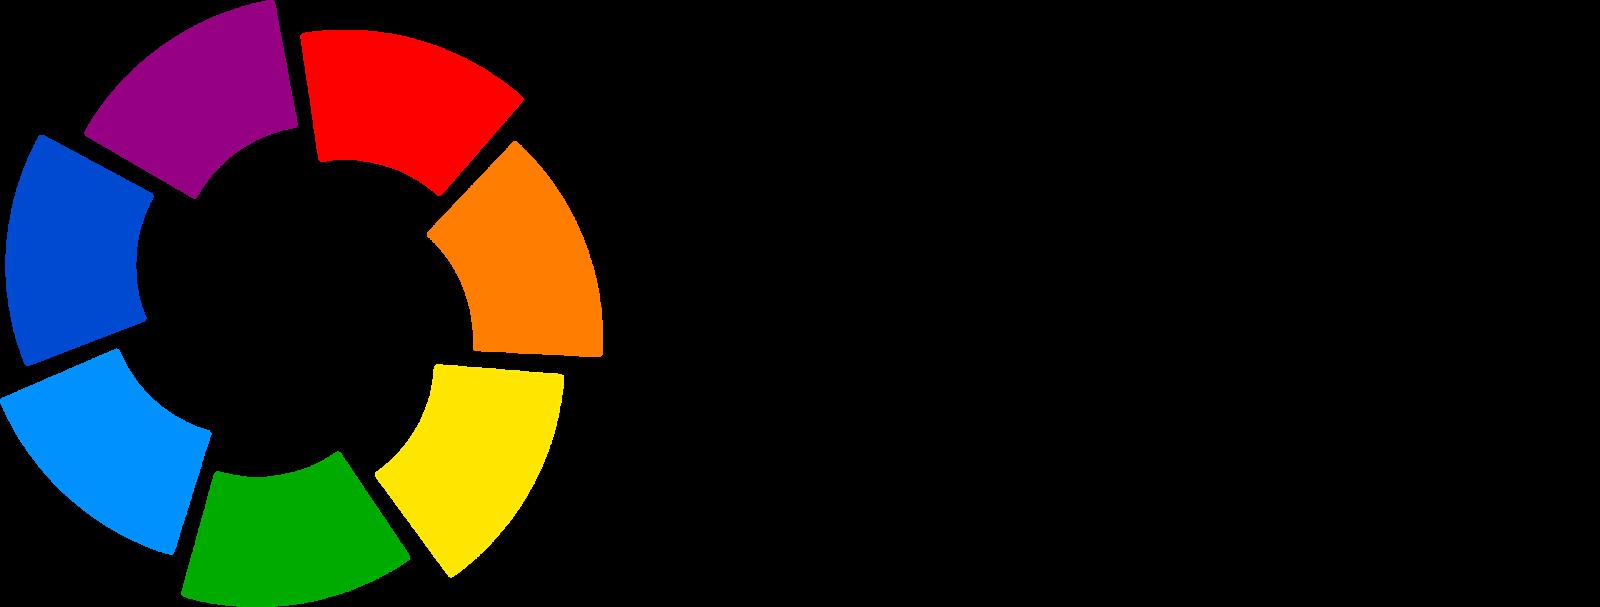 الدوري الإسباني2017-2018 , الجدول وموعد المباريات LA-LIGA